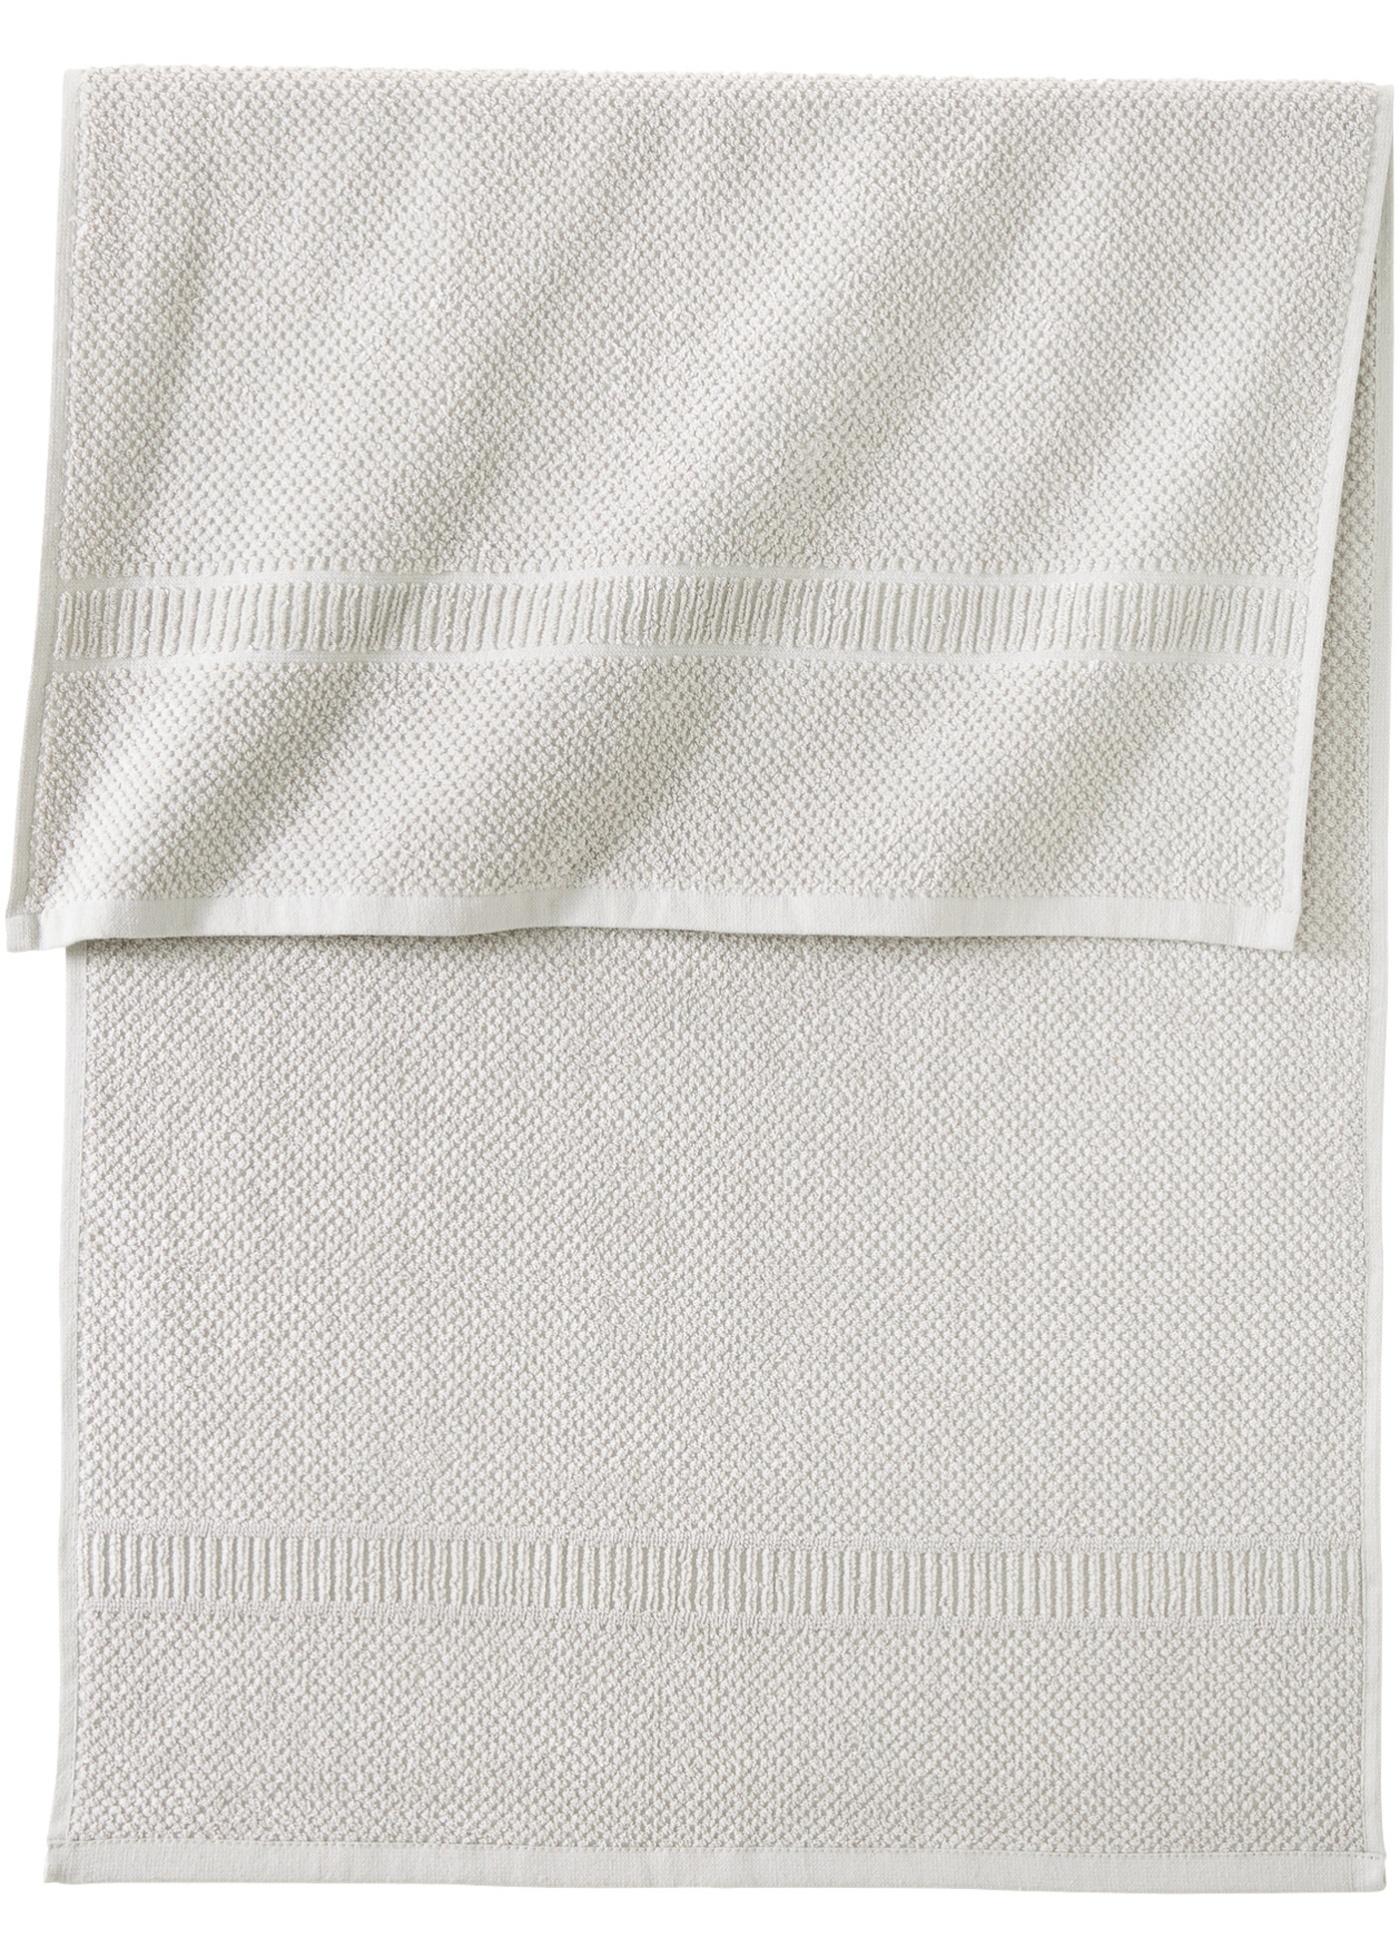 Handdoek Louisa